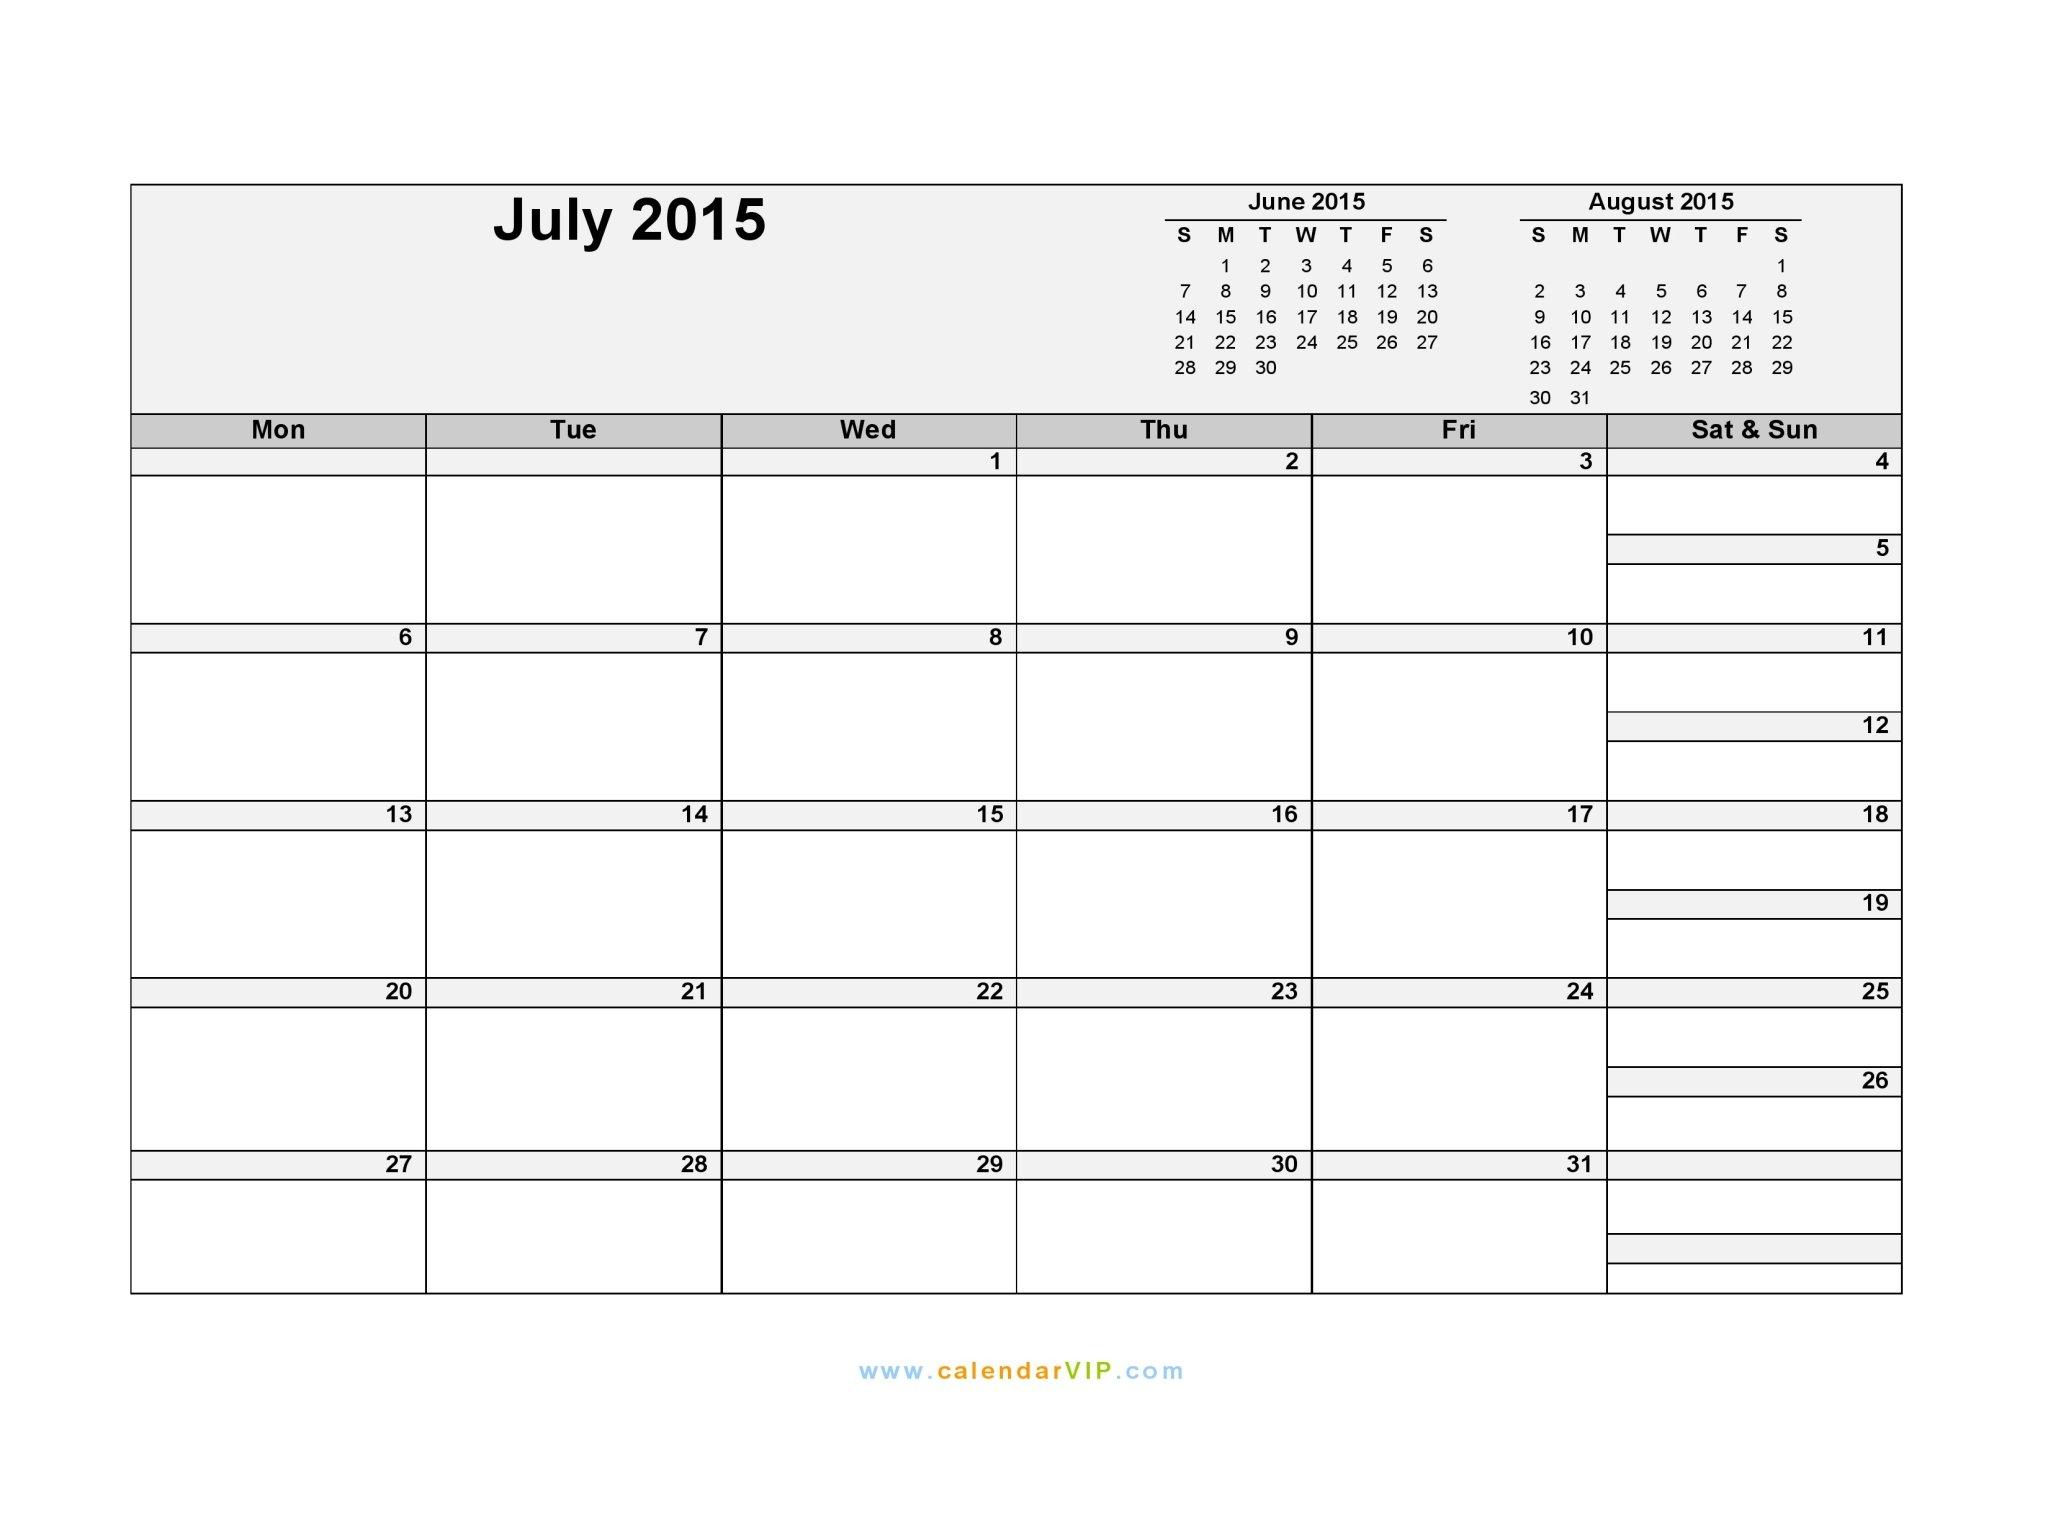 July 2015 Calendar - Blank Printable Calendar Template In Blank Diary 4 Weesk